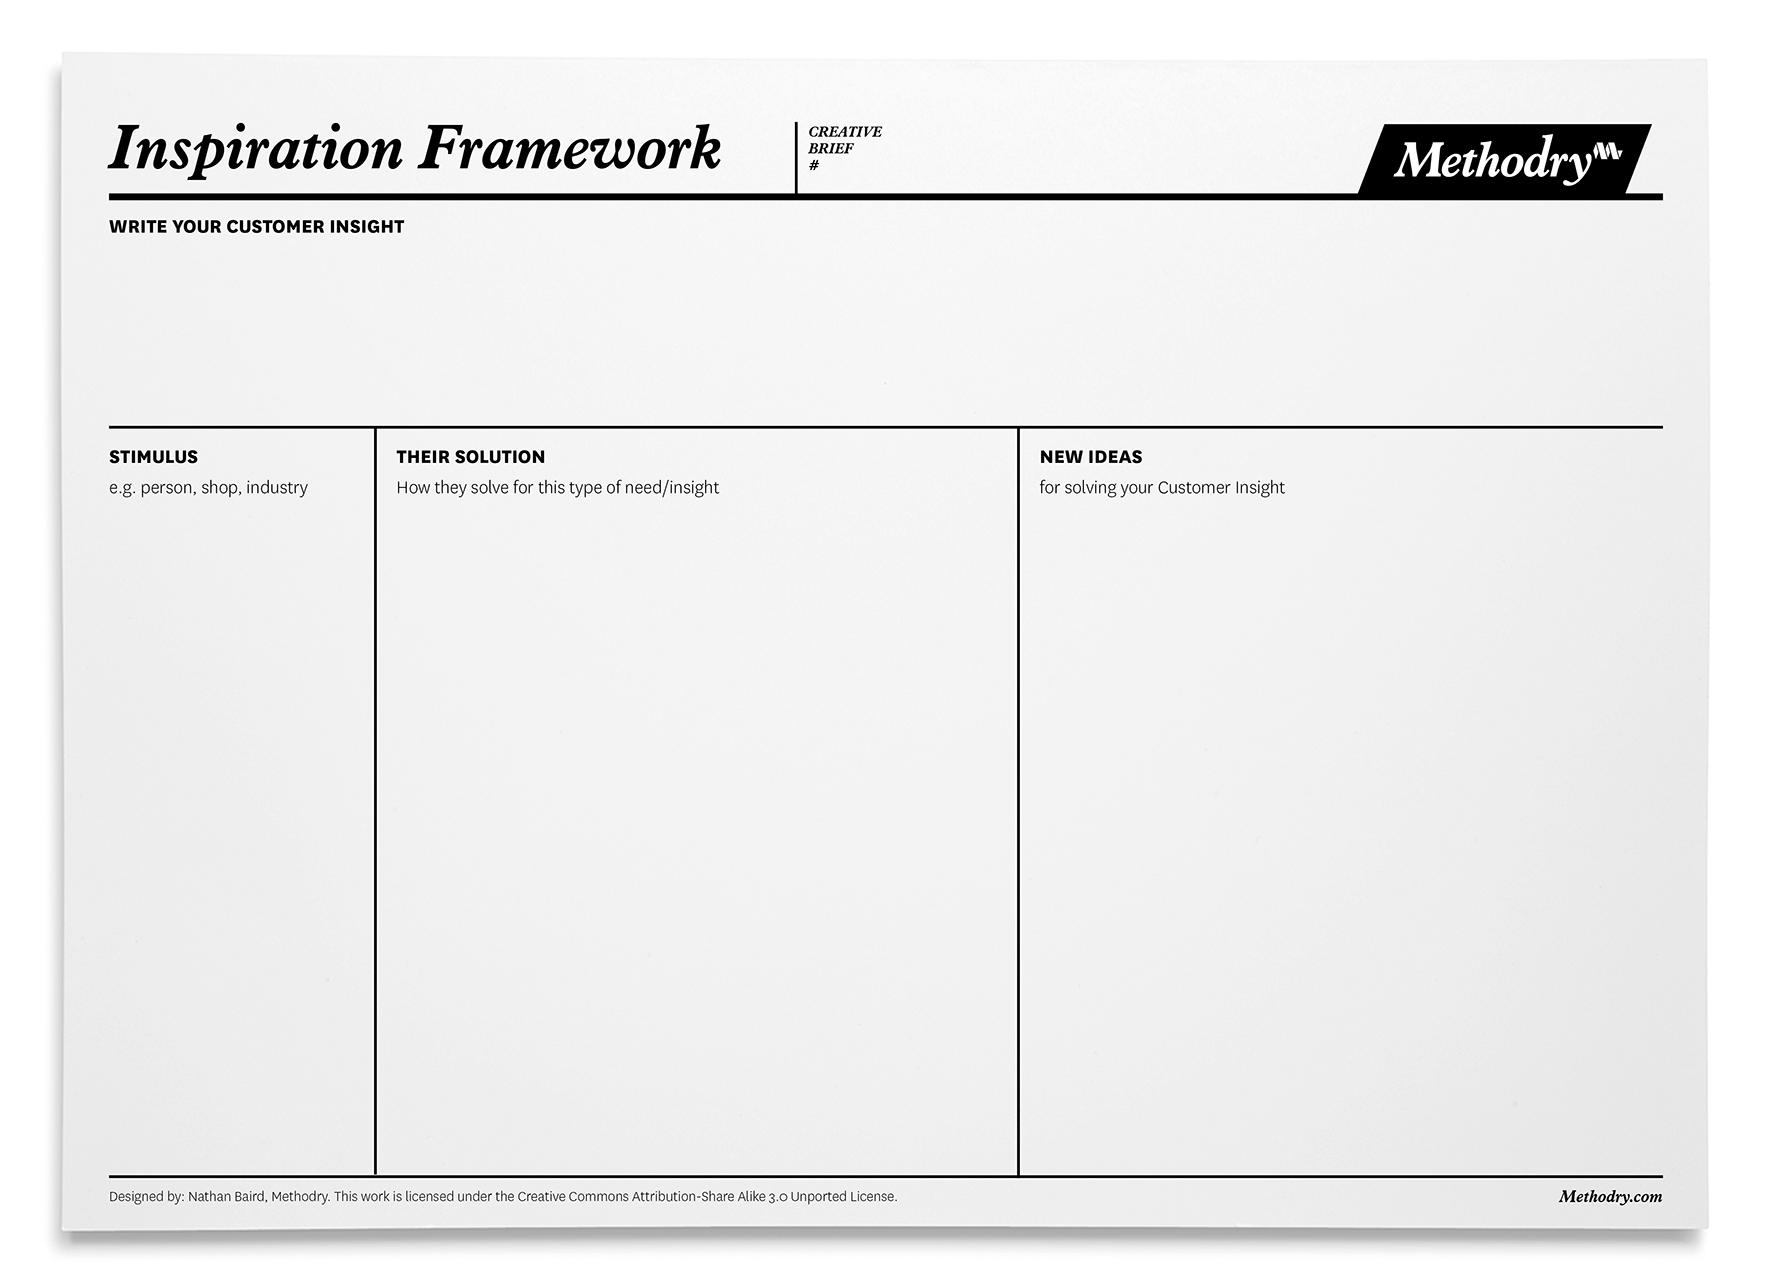 Methodry_Inspiration_Framework